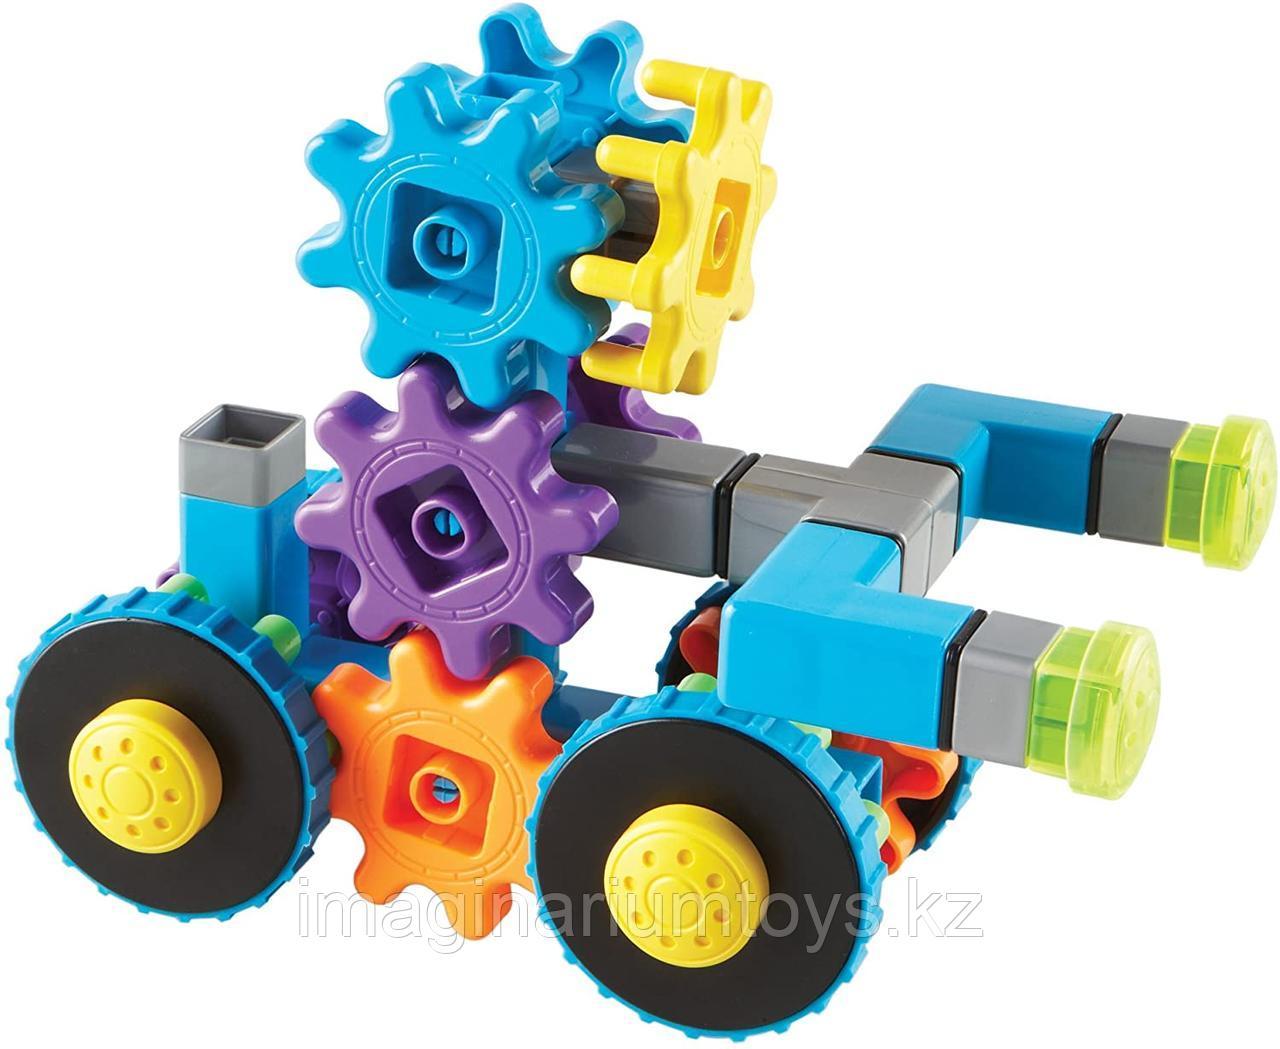 Развивающий конструктор Gears «Веселые шестеренки. Машинка»  Learning Resources